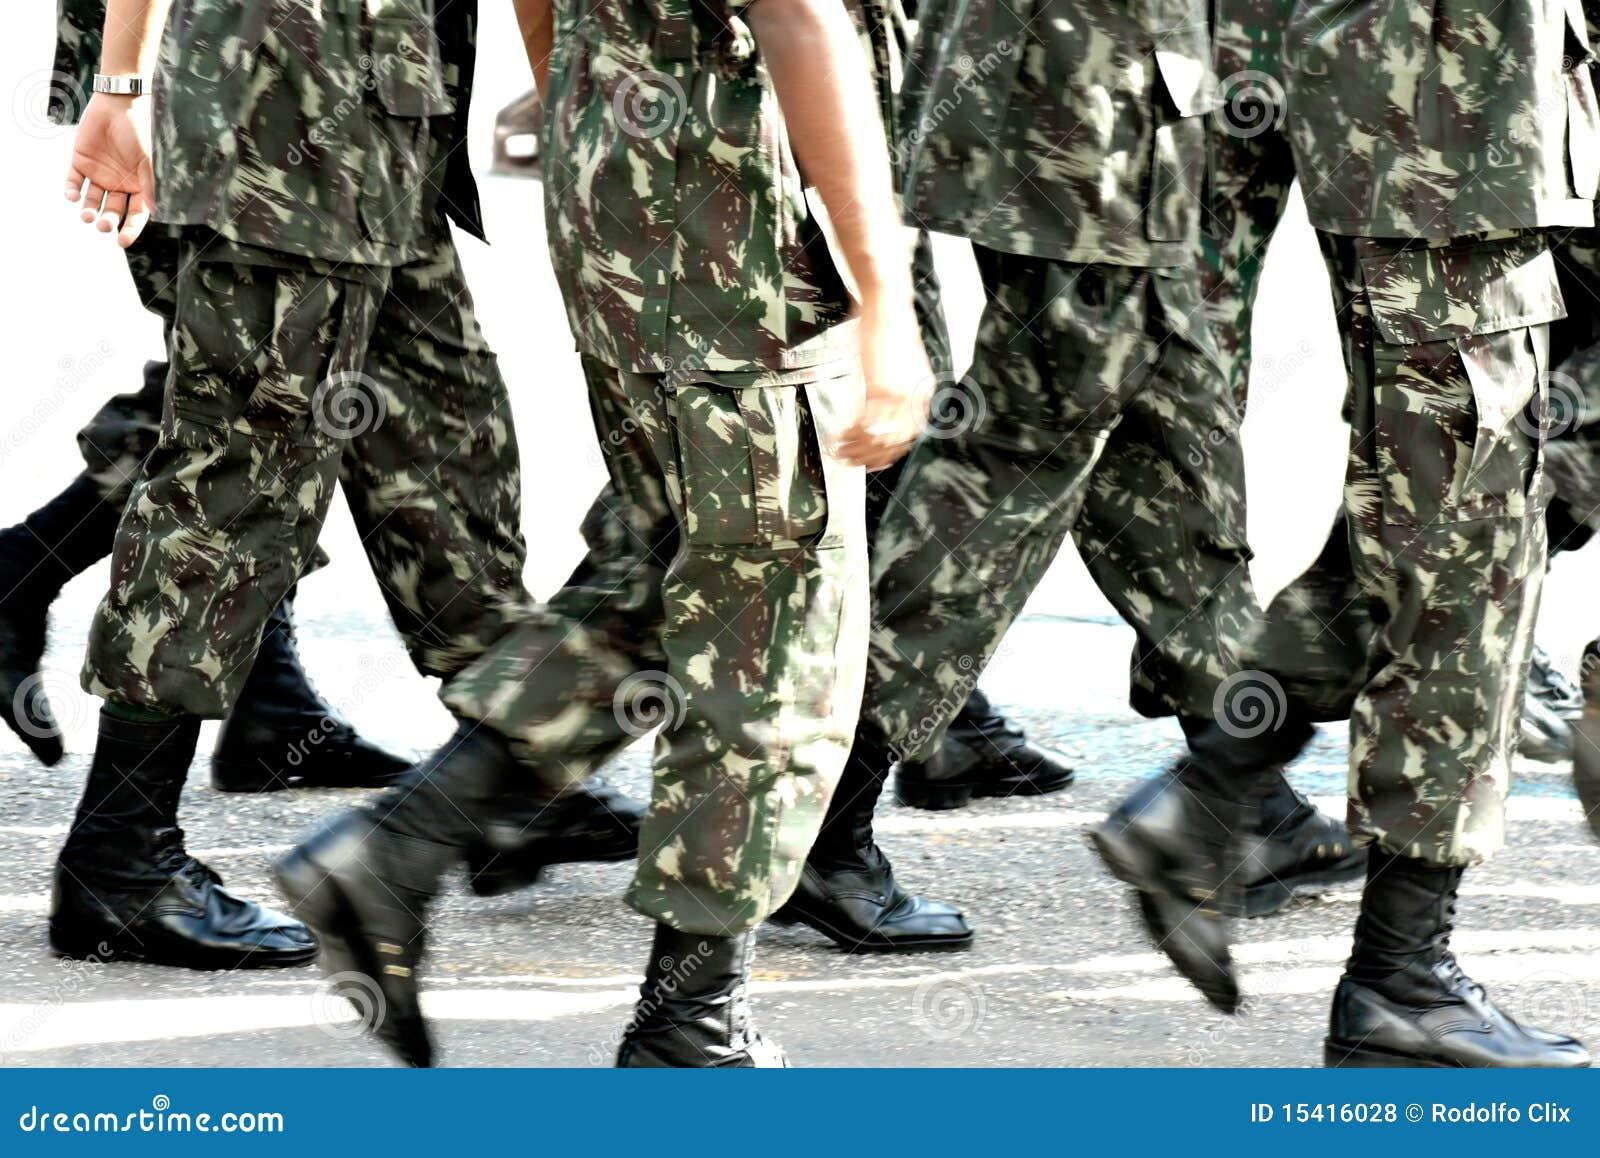 Resultado de imagem para Imagem de tropas marchando